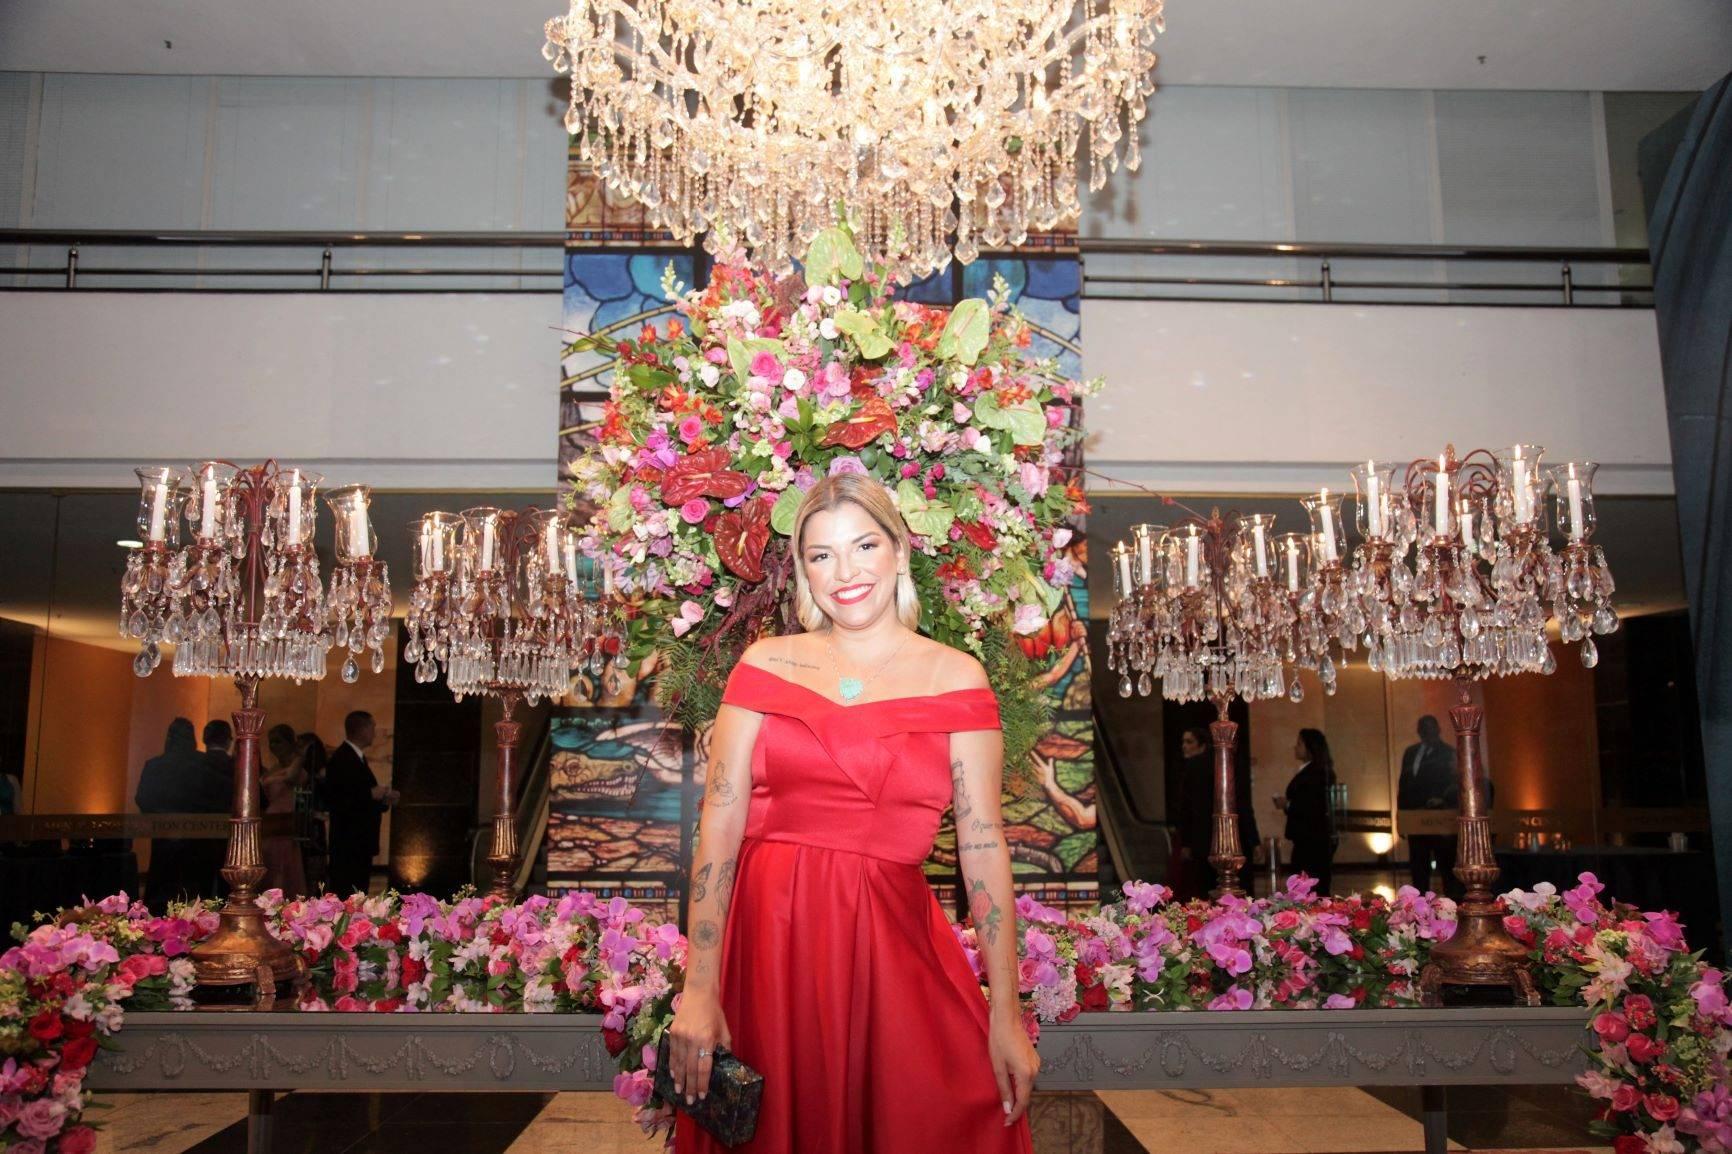 www.juicysantos.com.br - nathalia gomes do onde encontrar look do baile da cidade 2019